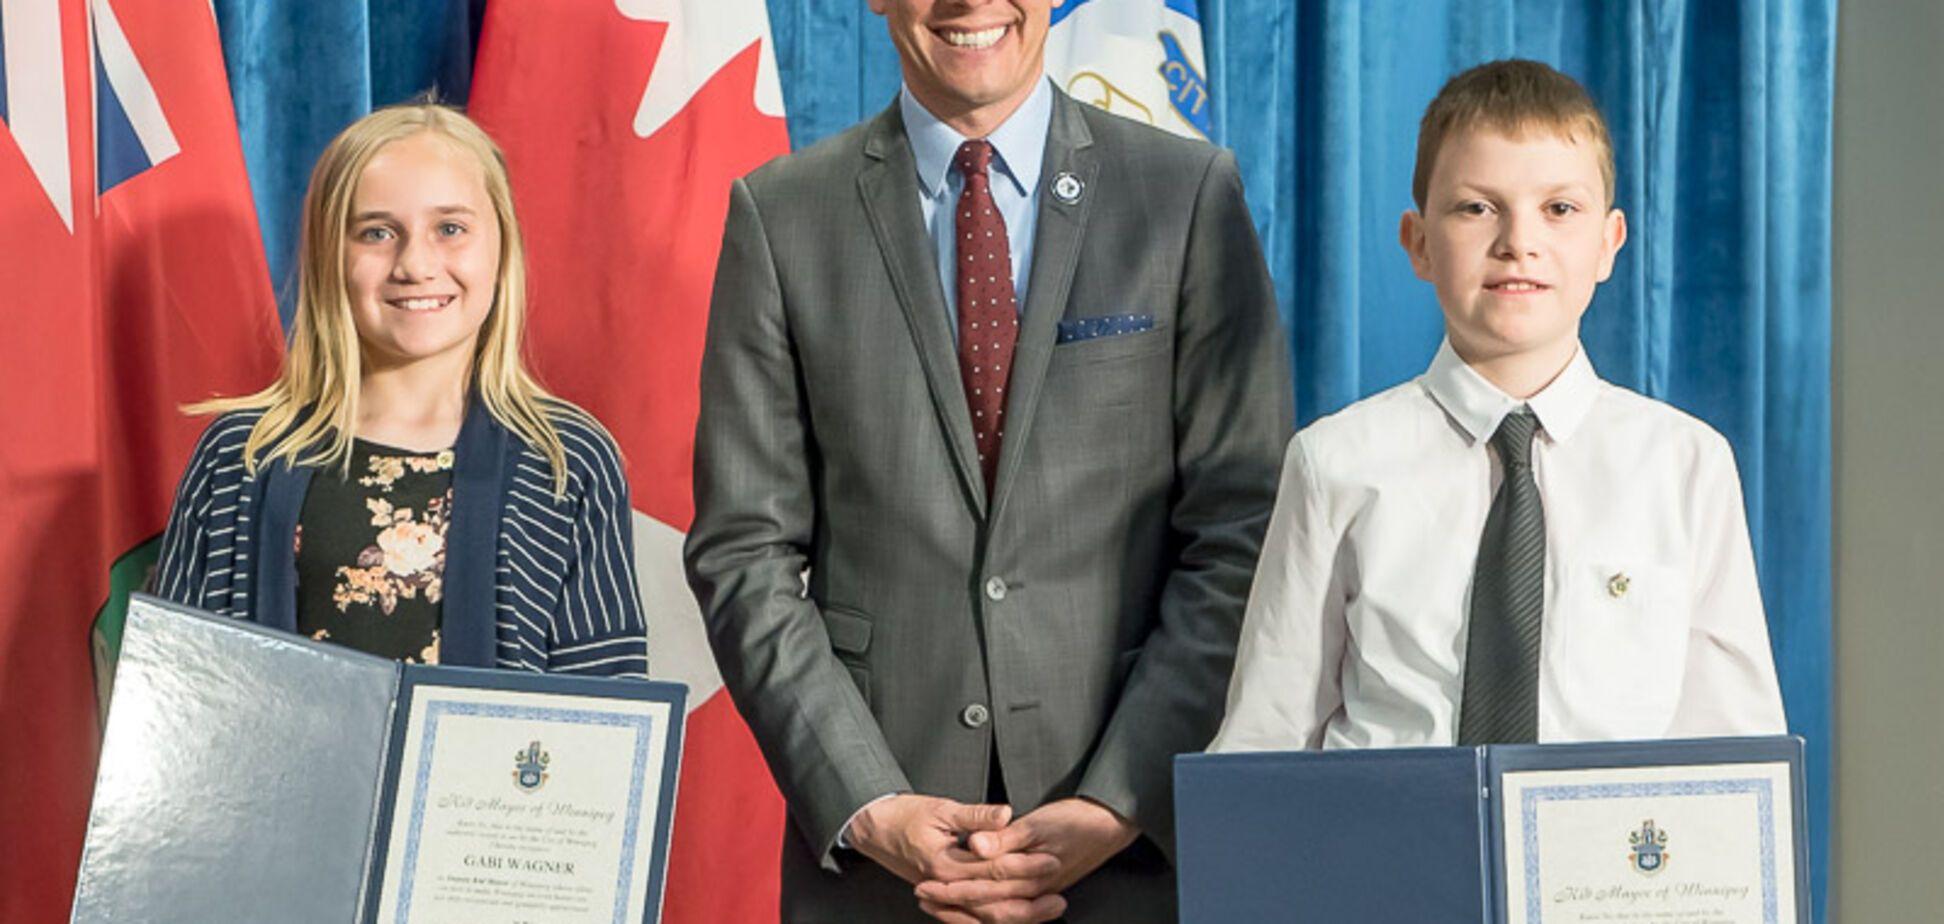 Маленький украинец стал мэром в Канаде: фото дарования